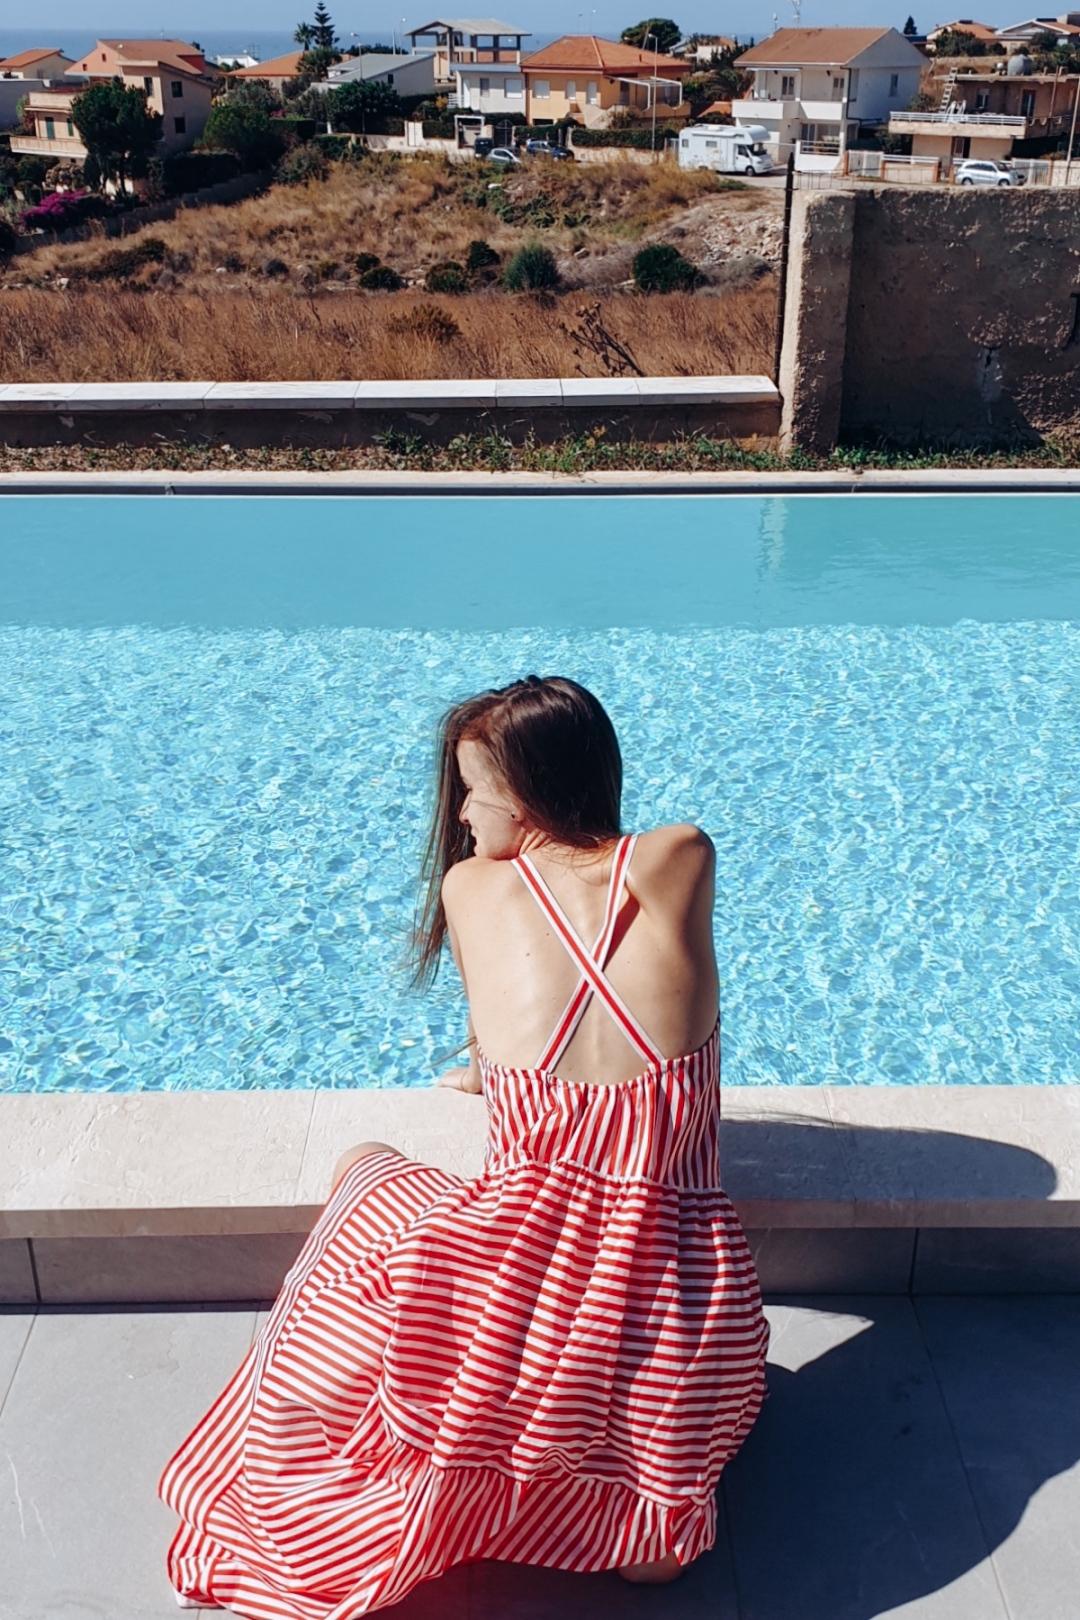 Villa with pool view in Marina di Ragusa Sicily